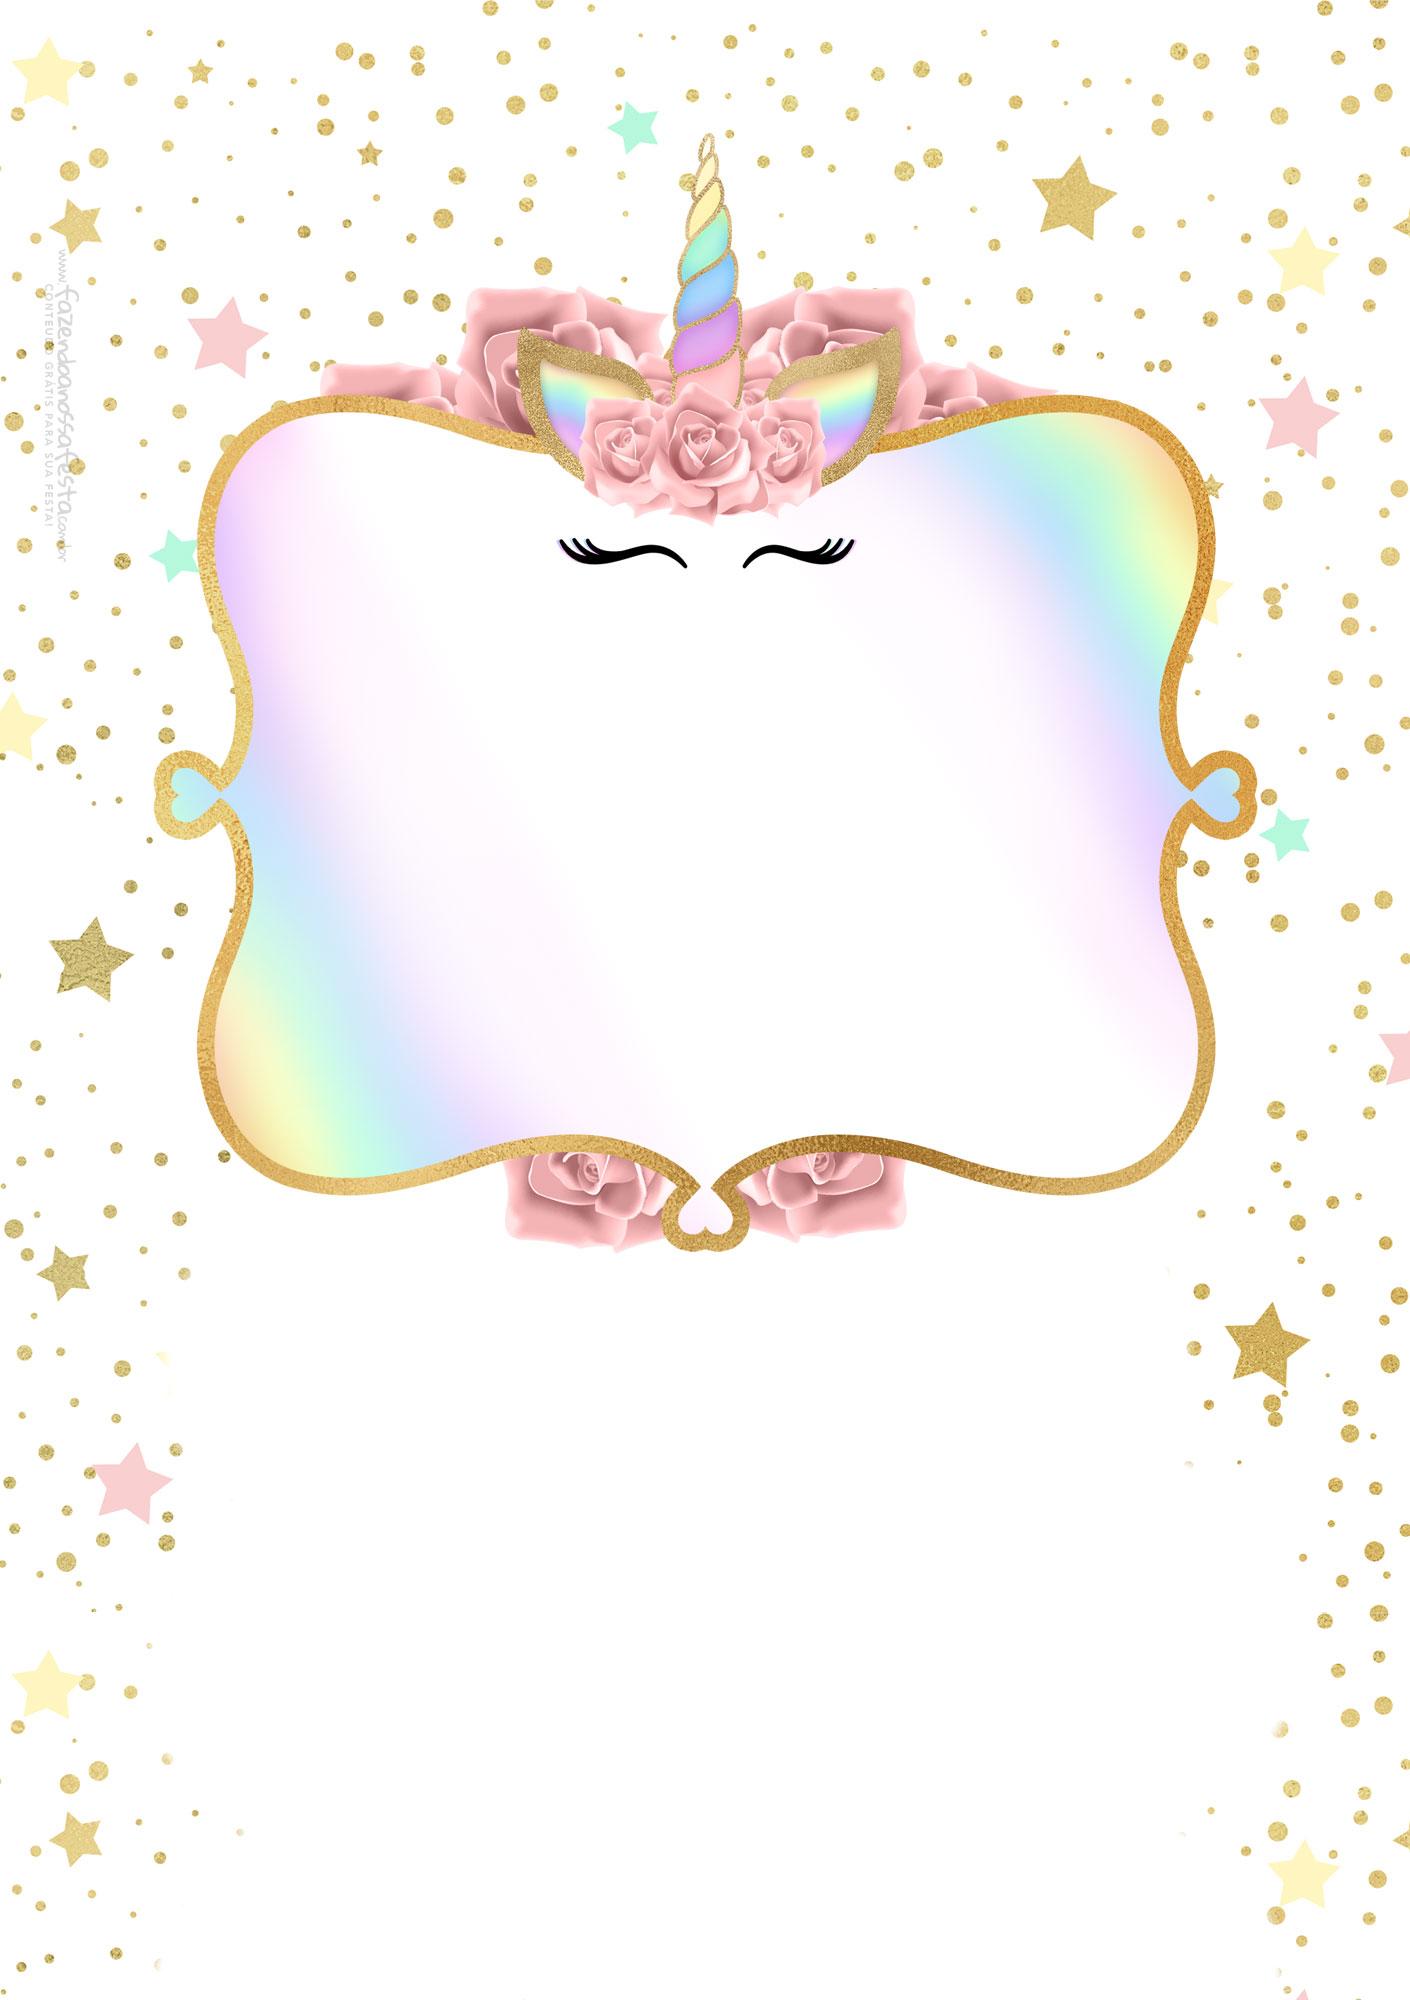 Convite Unicornio Gratis 3